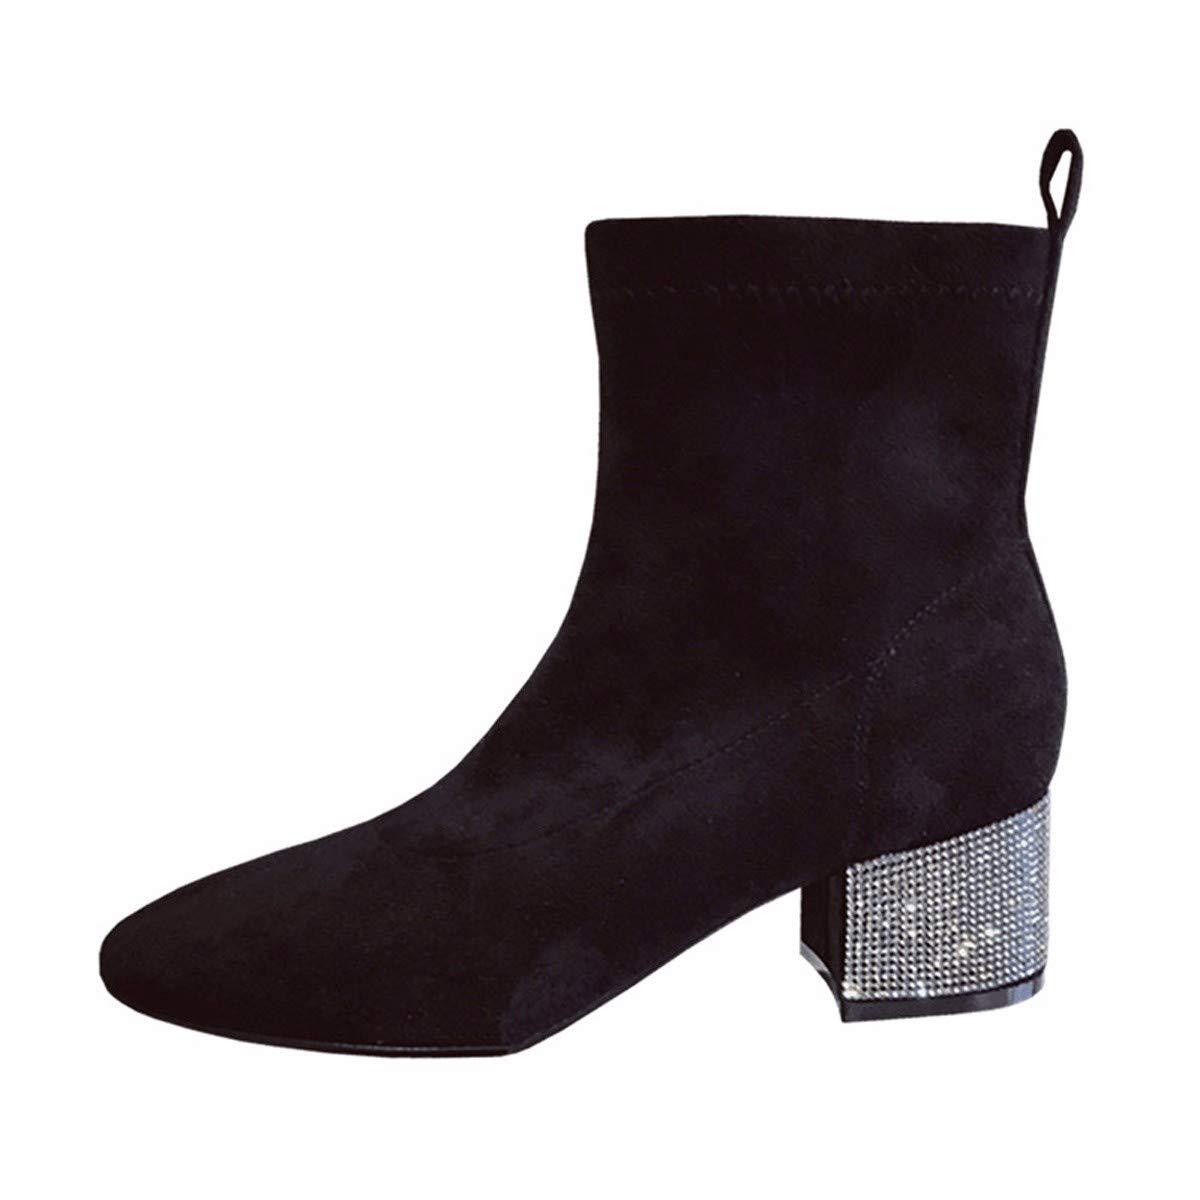 LBTSQ Fashion Damenschuhe Wasser Läuft Stiefel Heel 4Cm Slim Wildleder Runden Kopf Dicke Sohle Stiefel Schwarz - Mode - Stiefel